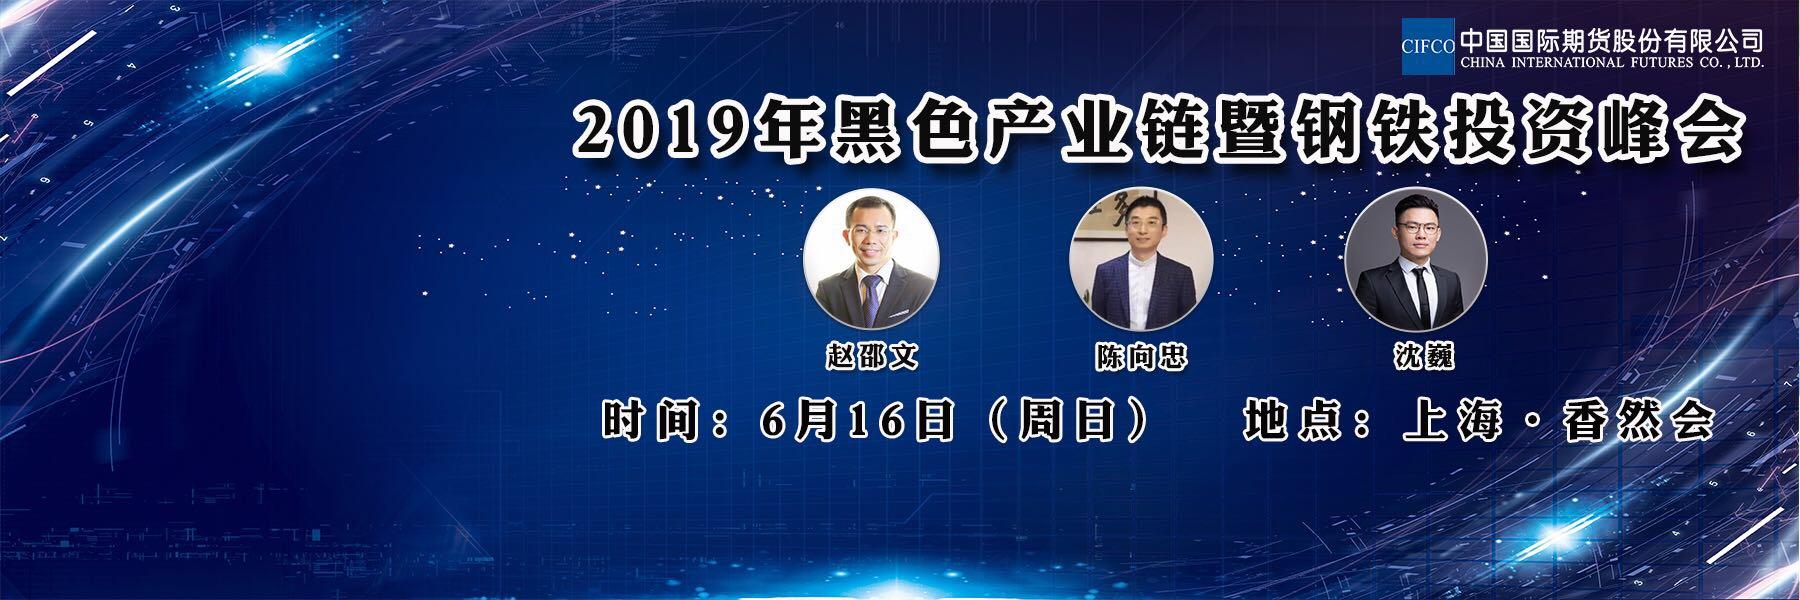 【邀请函】2019年黑色产业链暨钢铁投资峰会(上海)